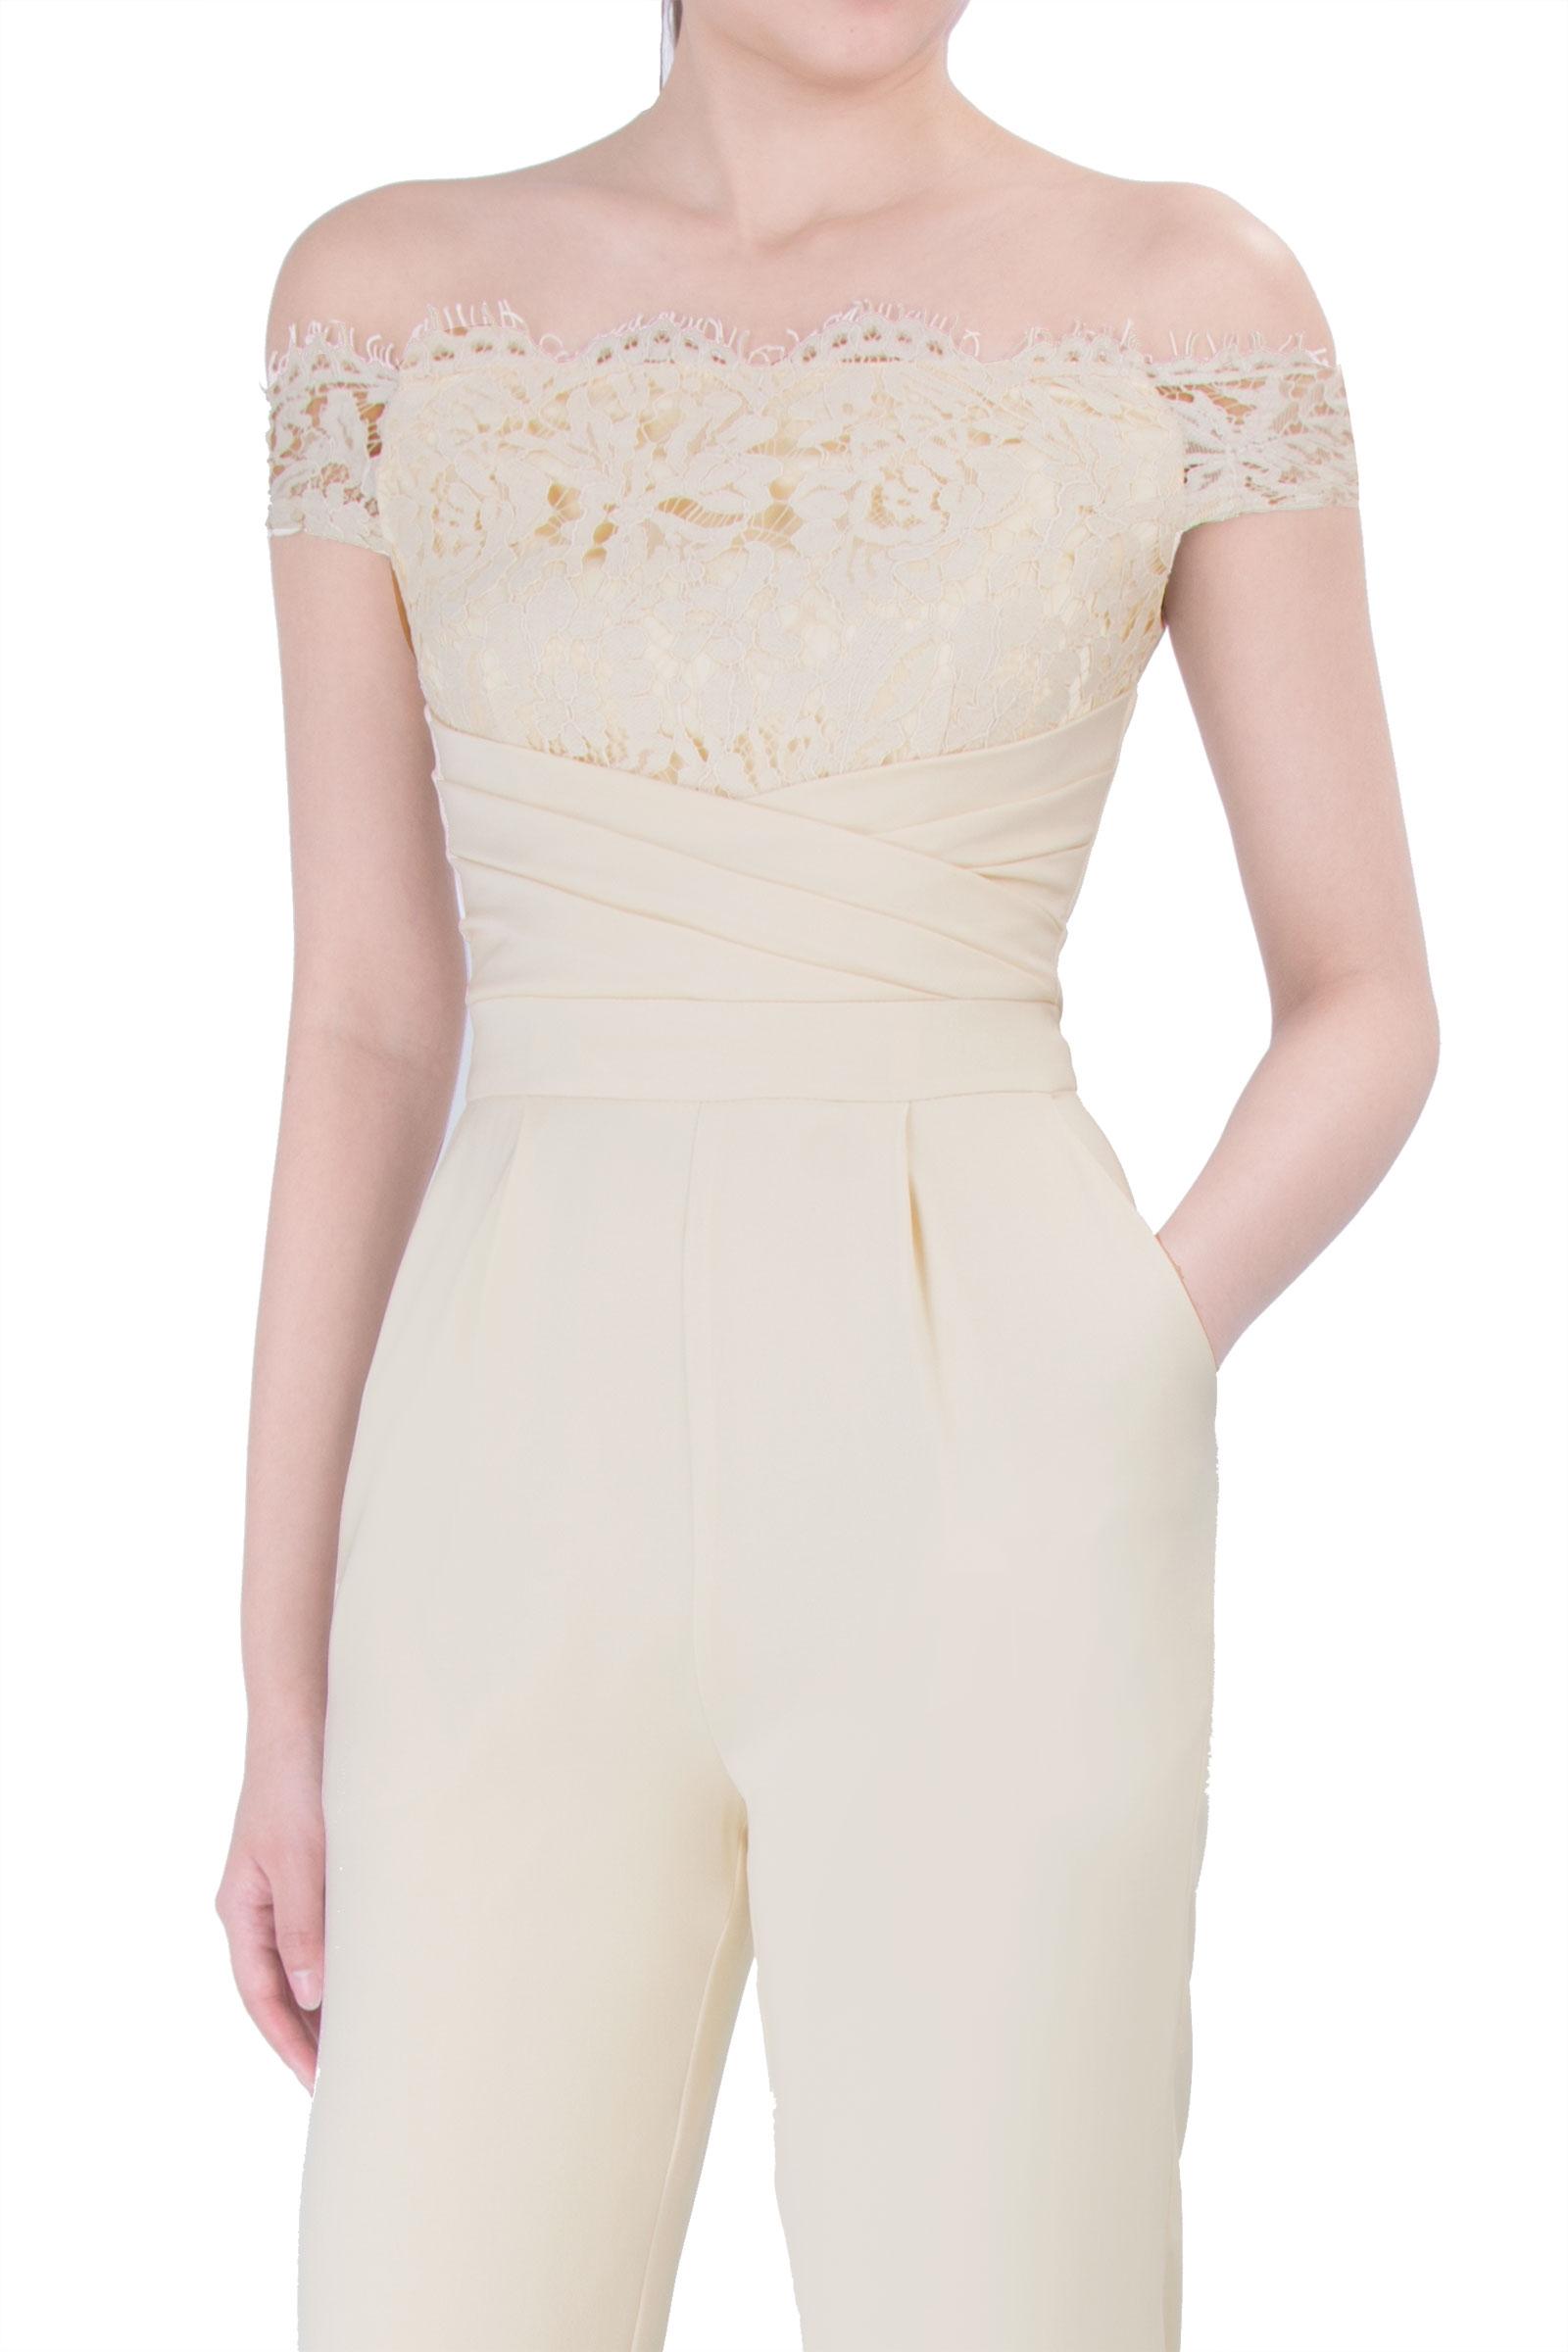 5994b25797 ED11927 Elegant Dress · Ester Loh Fashion Dresses · Online Store ...